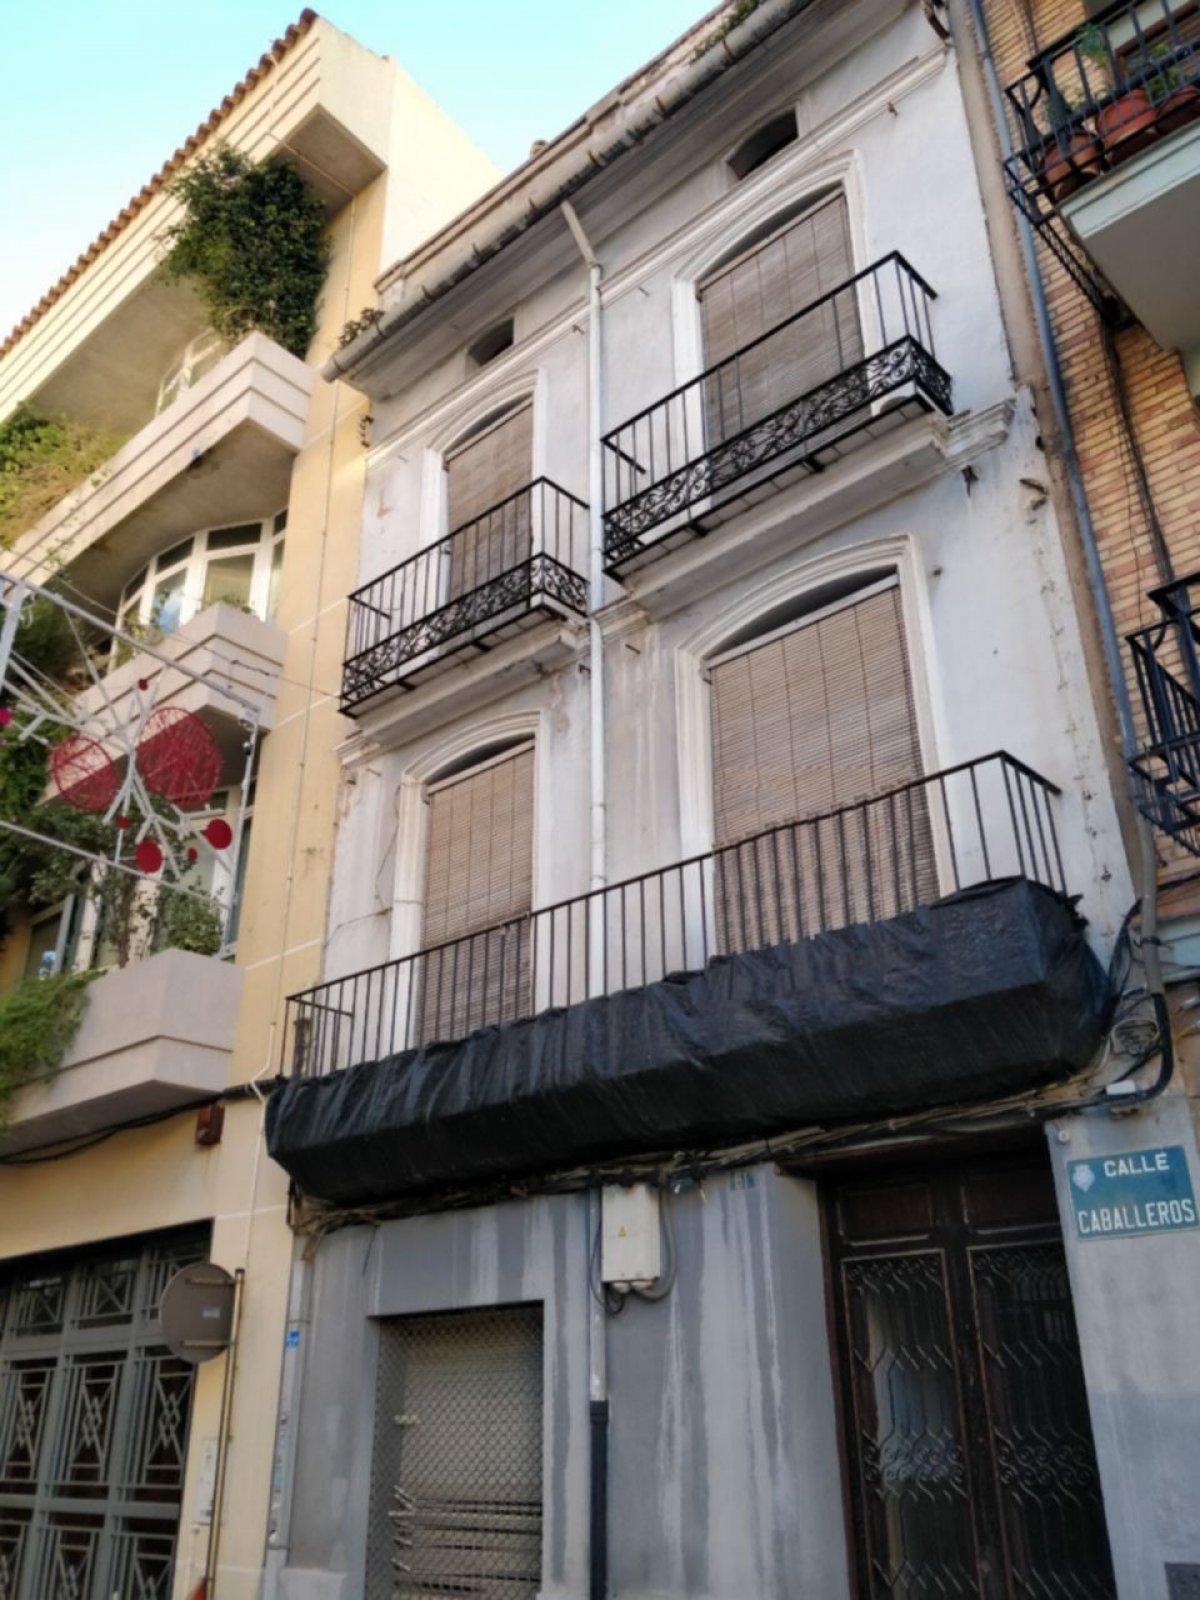 Gebäude  Calle caballeros, 61. Invierta en una localización única